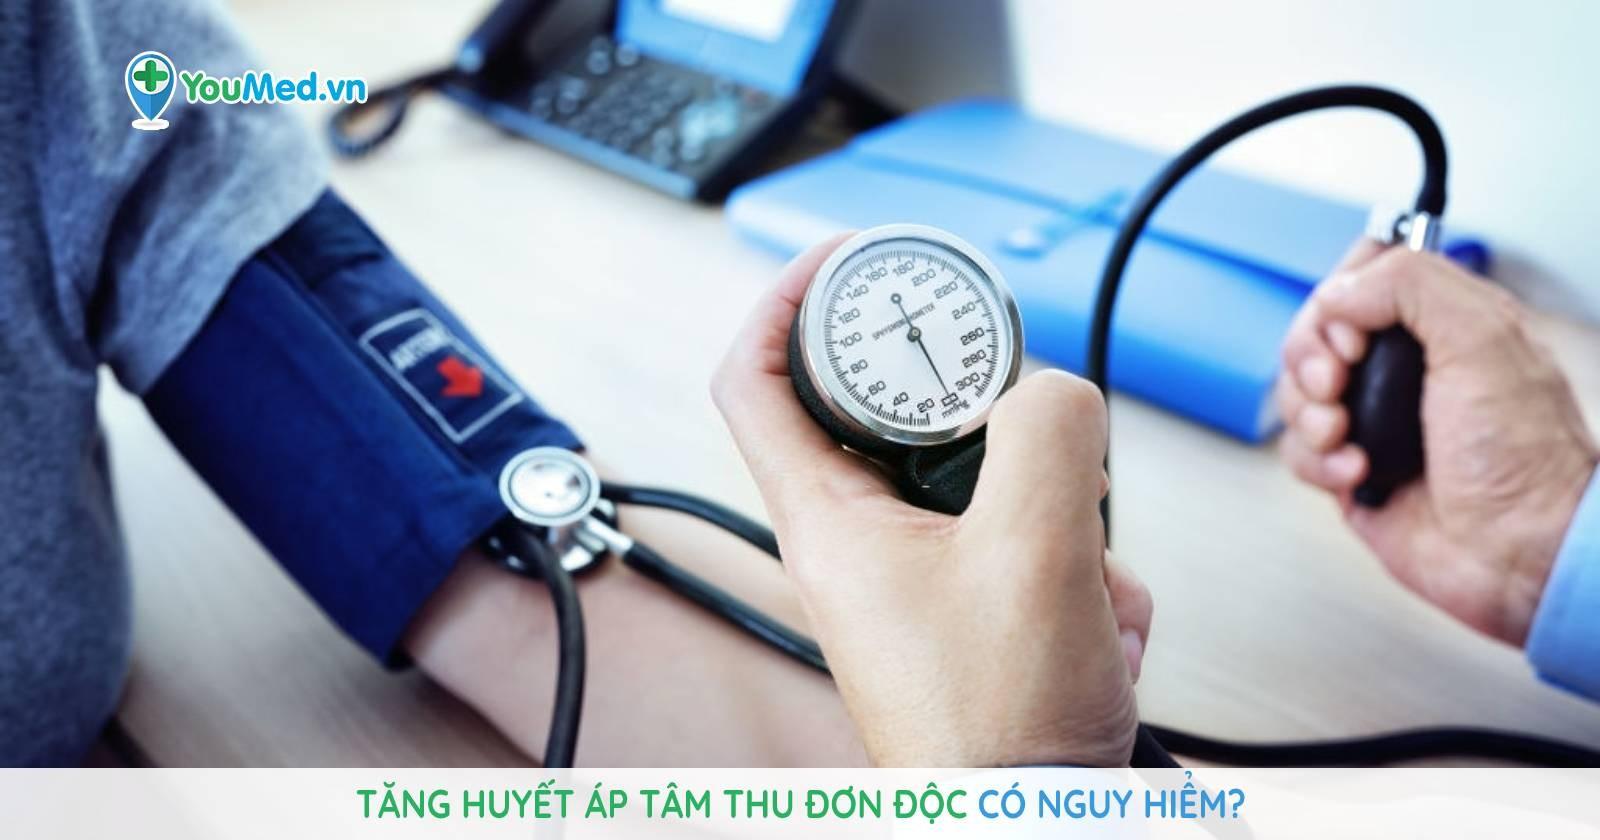 Tăng huyết áp tâm thu đơn độc có nguy hiểm?